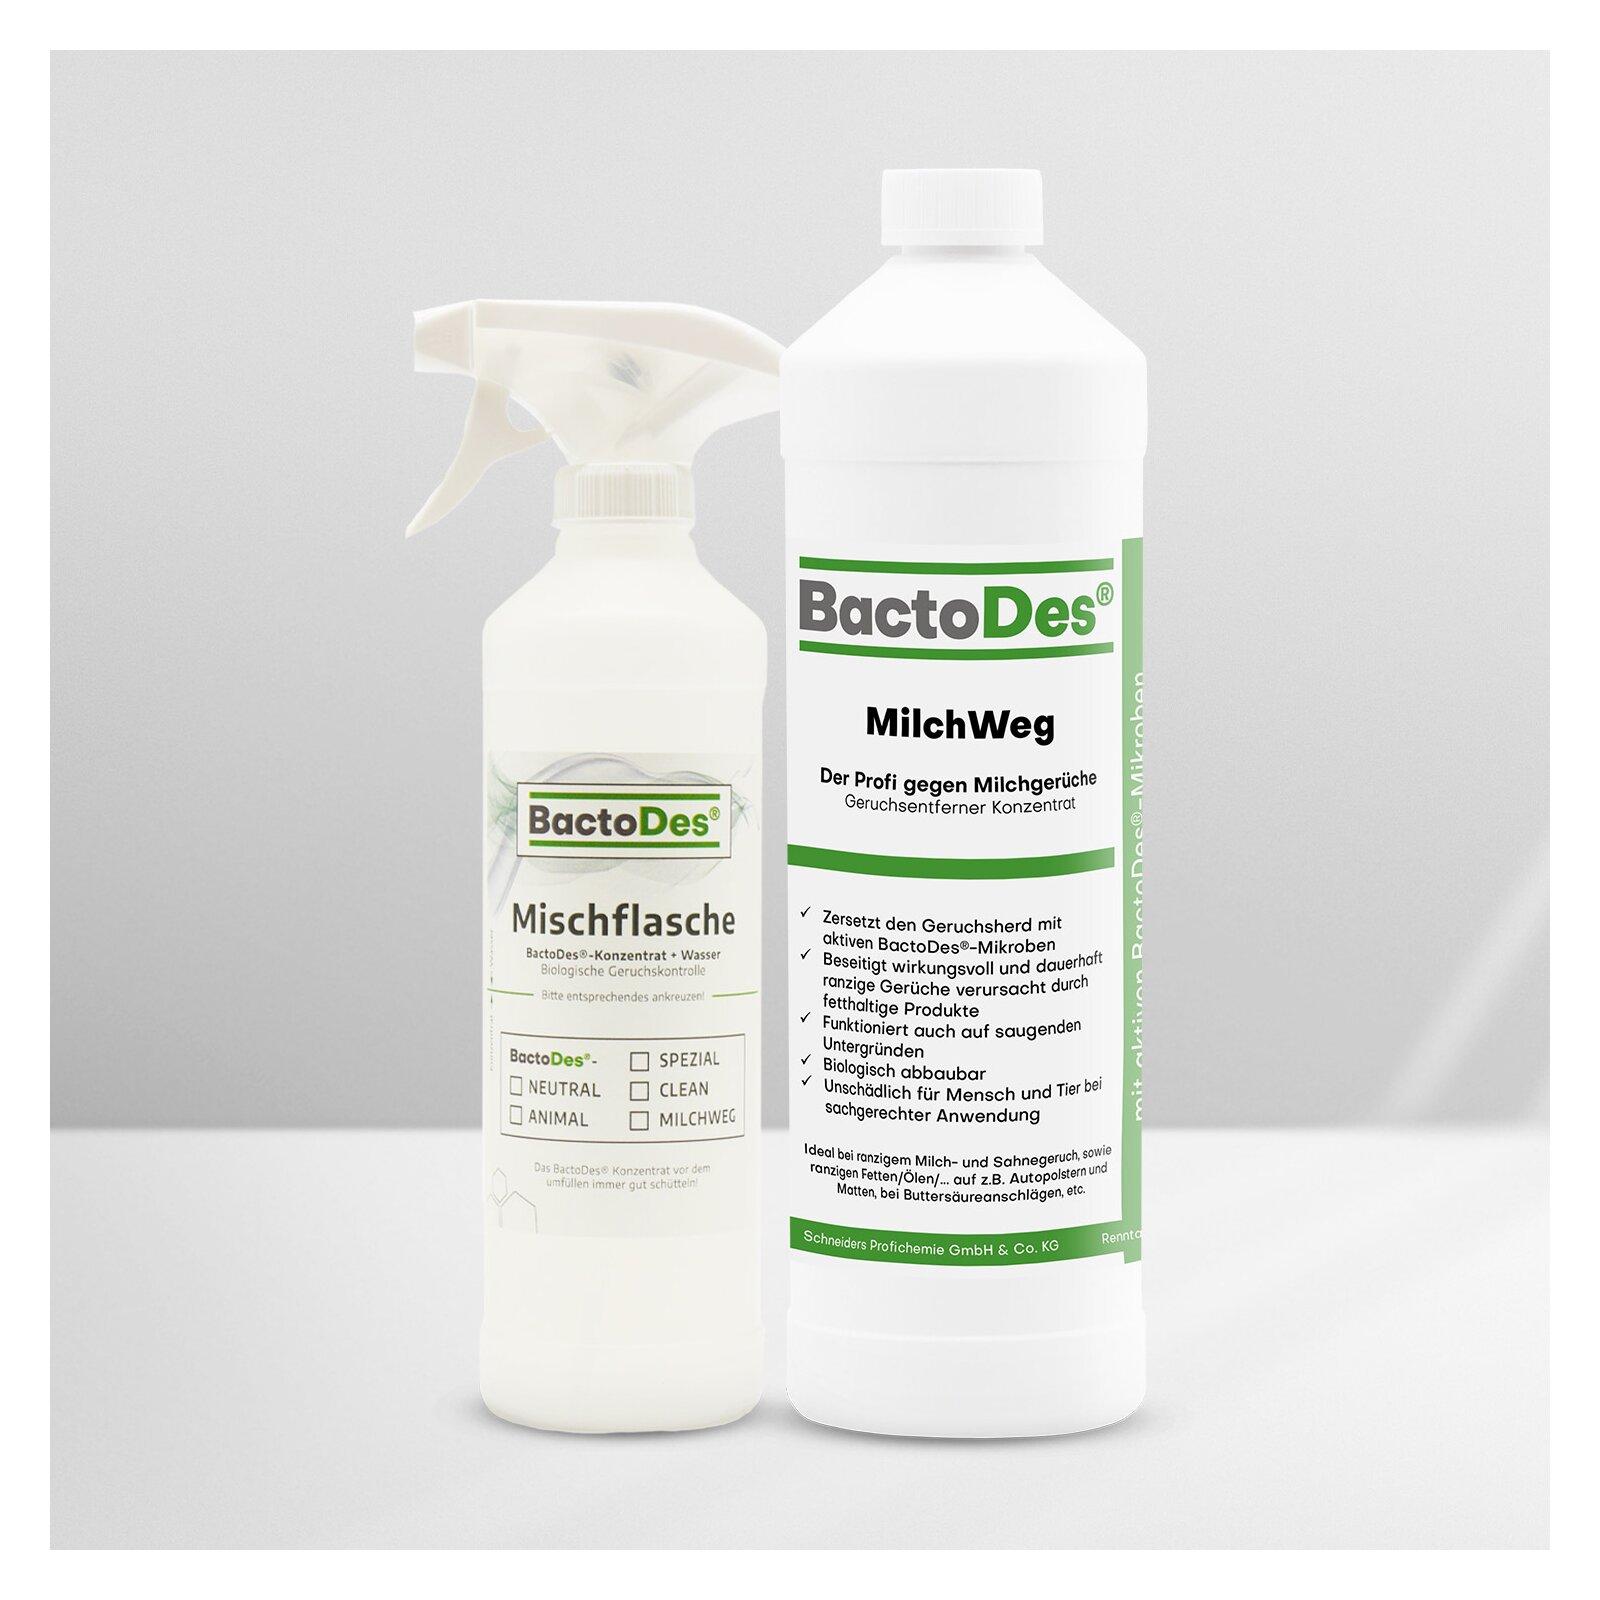 BactoDes(R)MilchWeg Milchgeruch und Buttersäure Neutralisierer 1L incl 1 Misch Und Sprühflasche